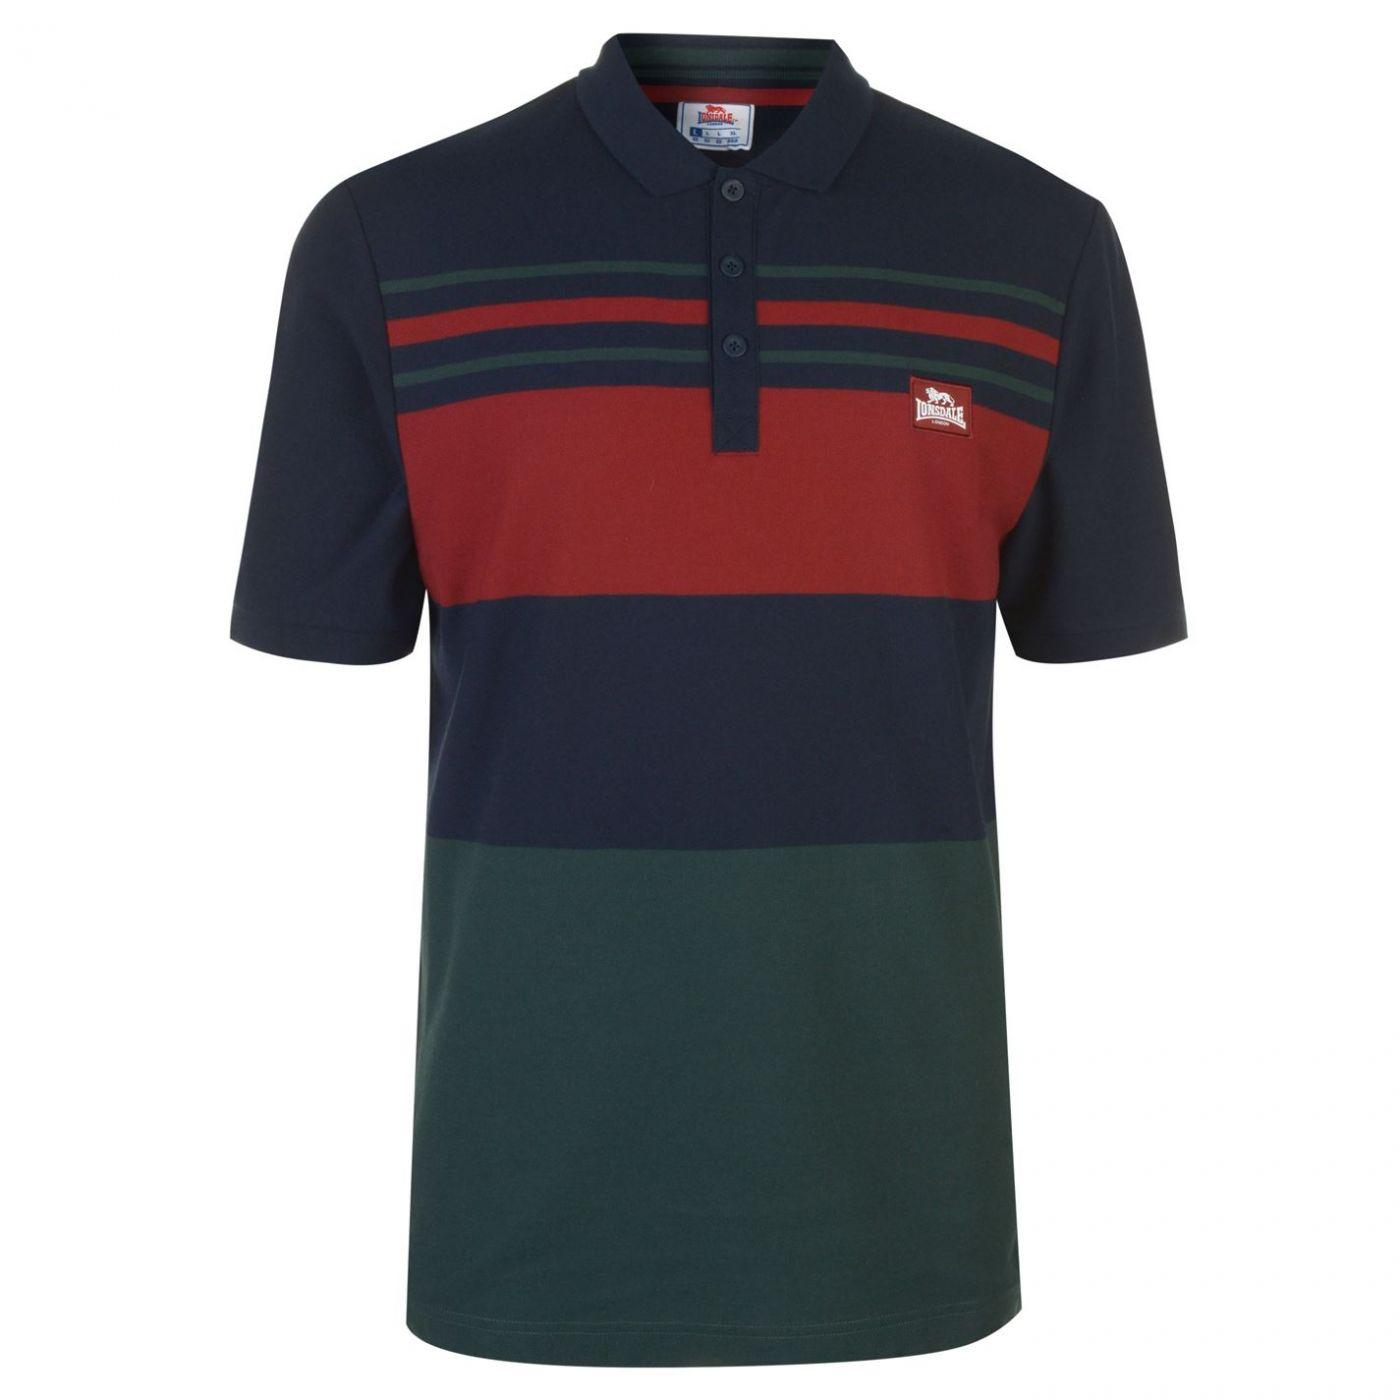 Lonsdale Yarn Dye Stripe Polo Shirt Mens